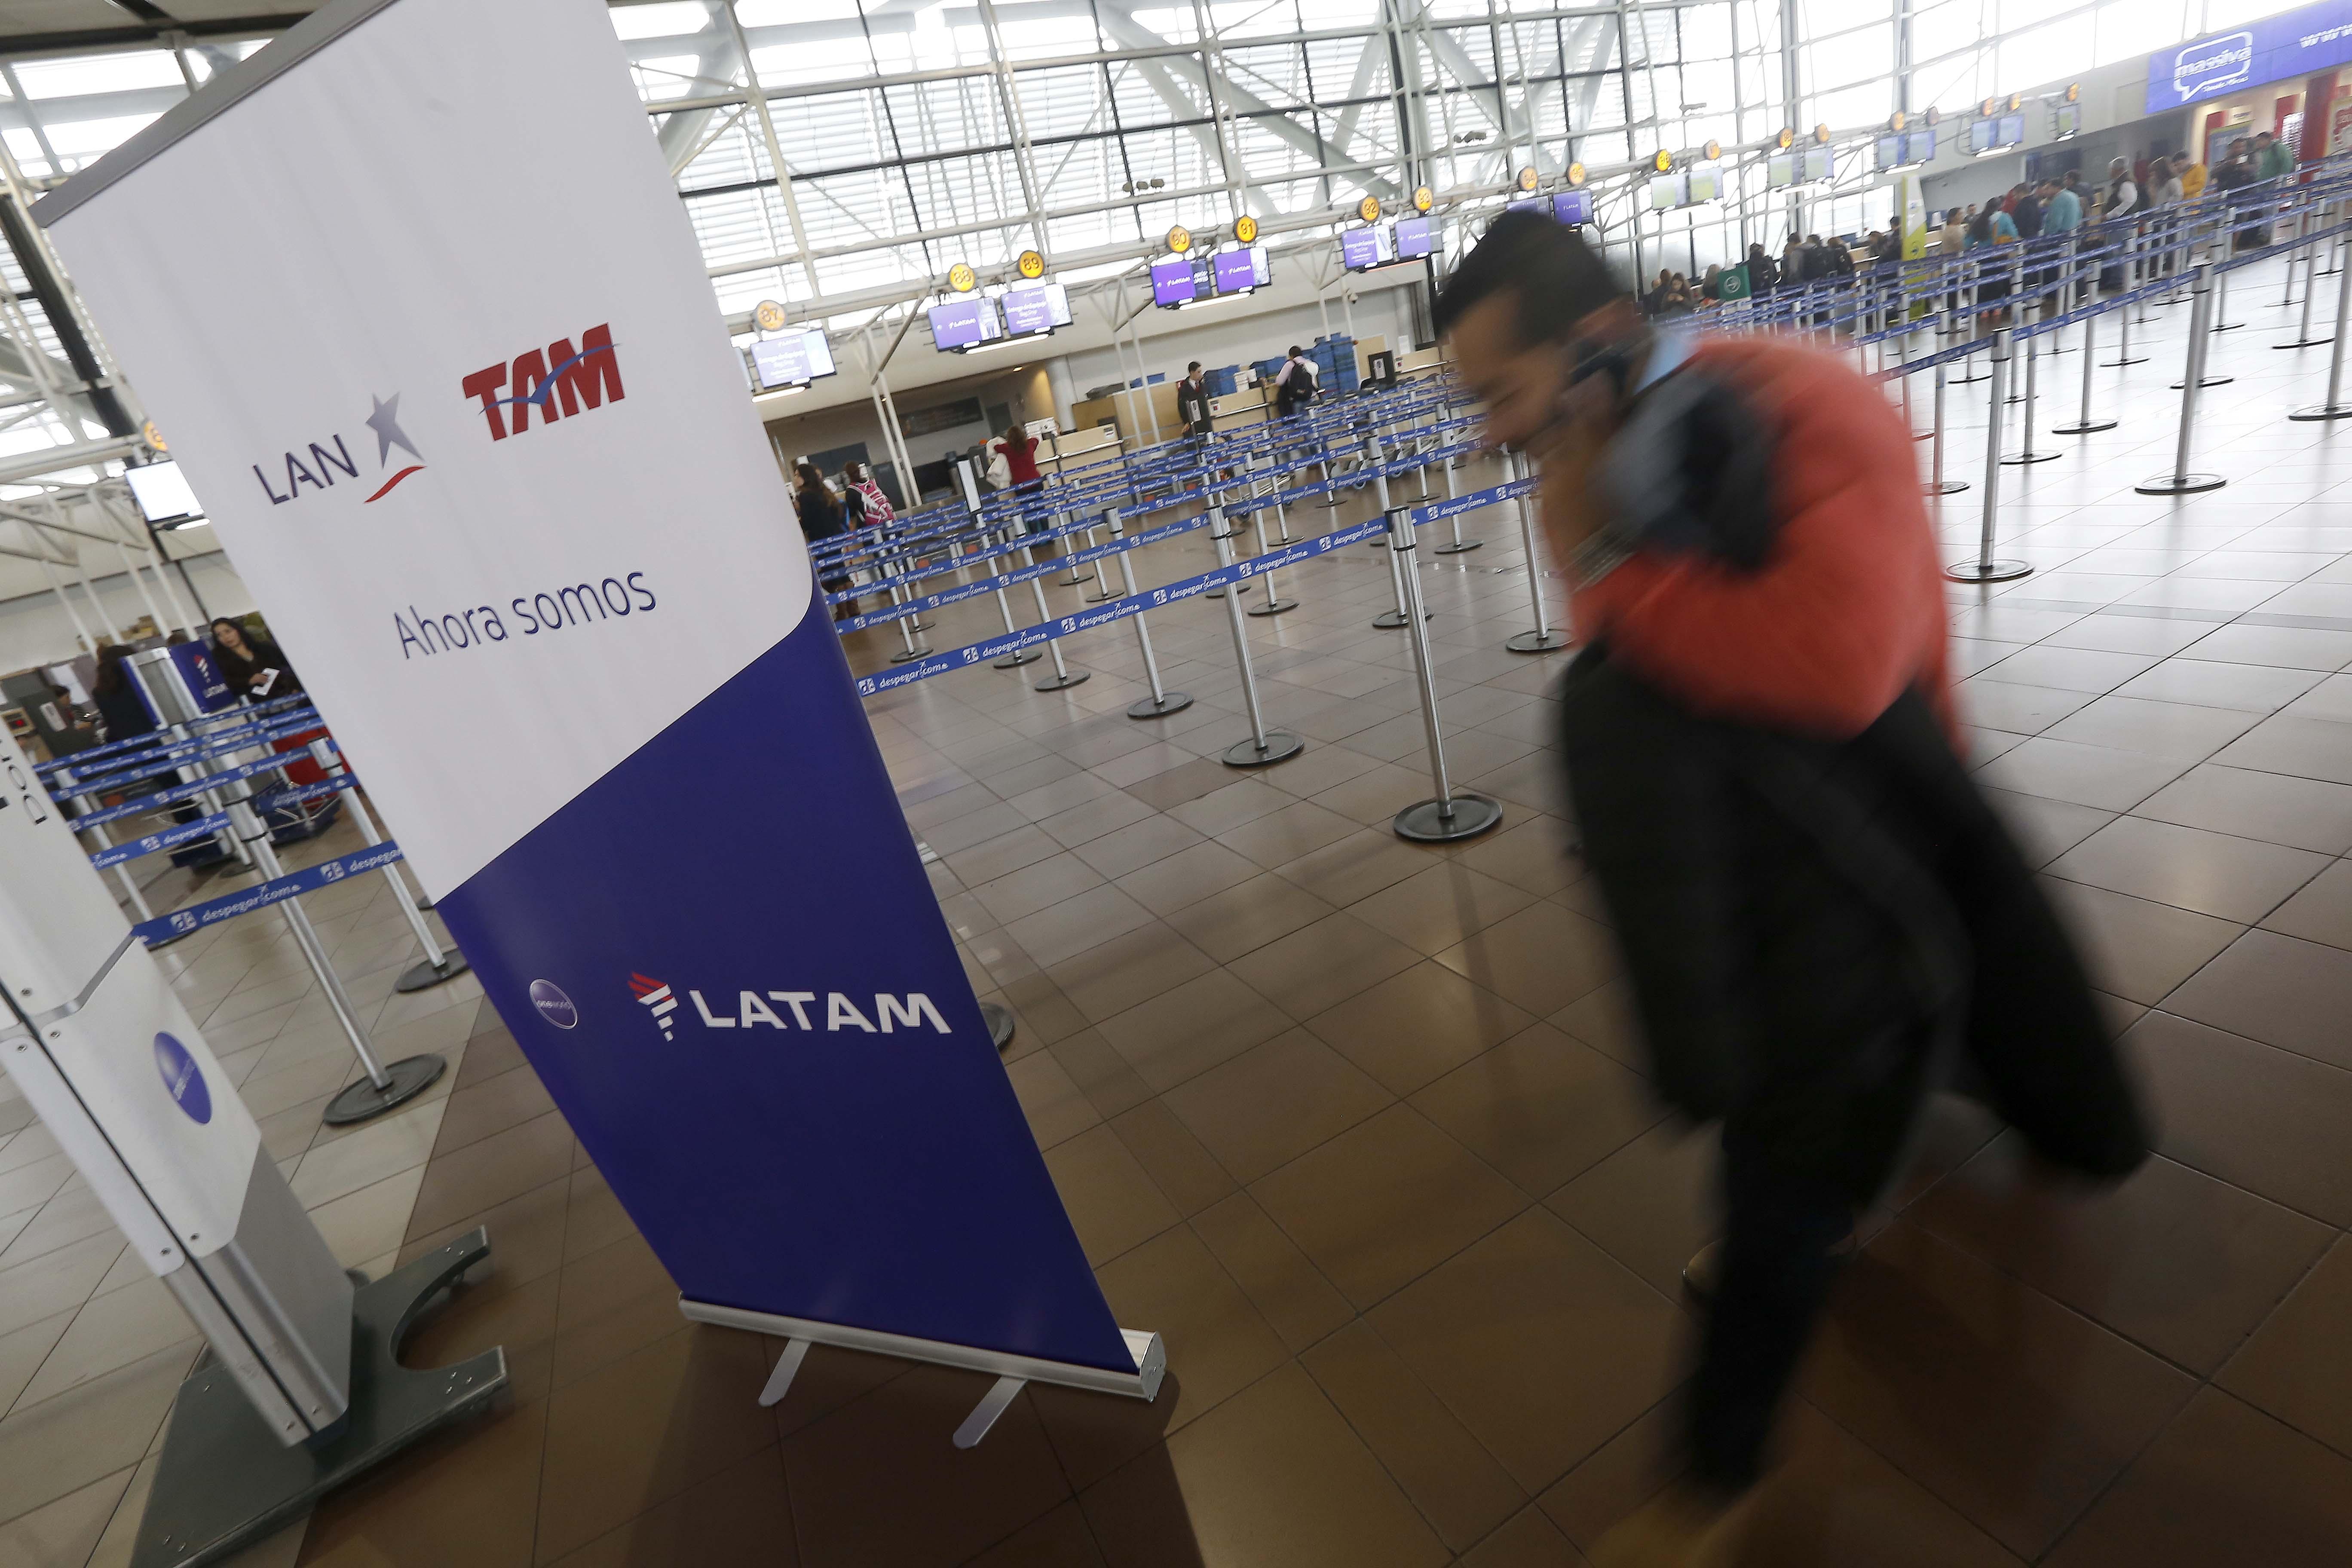 LAN Express continuará negociación reglada con Sindicato